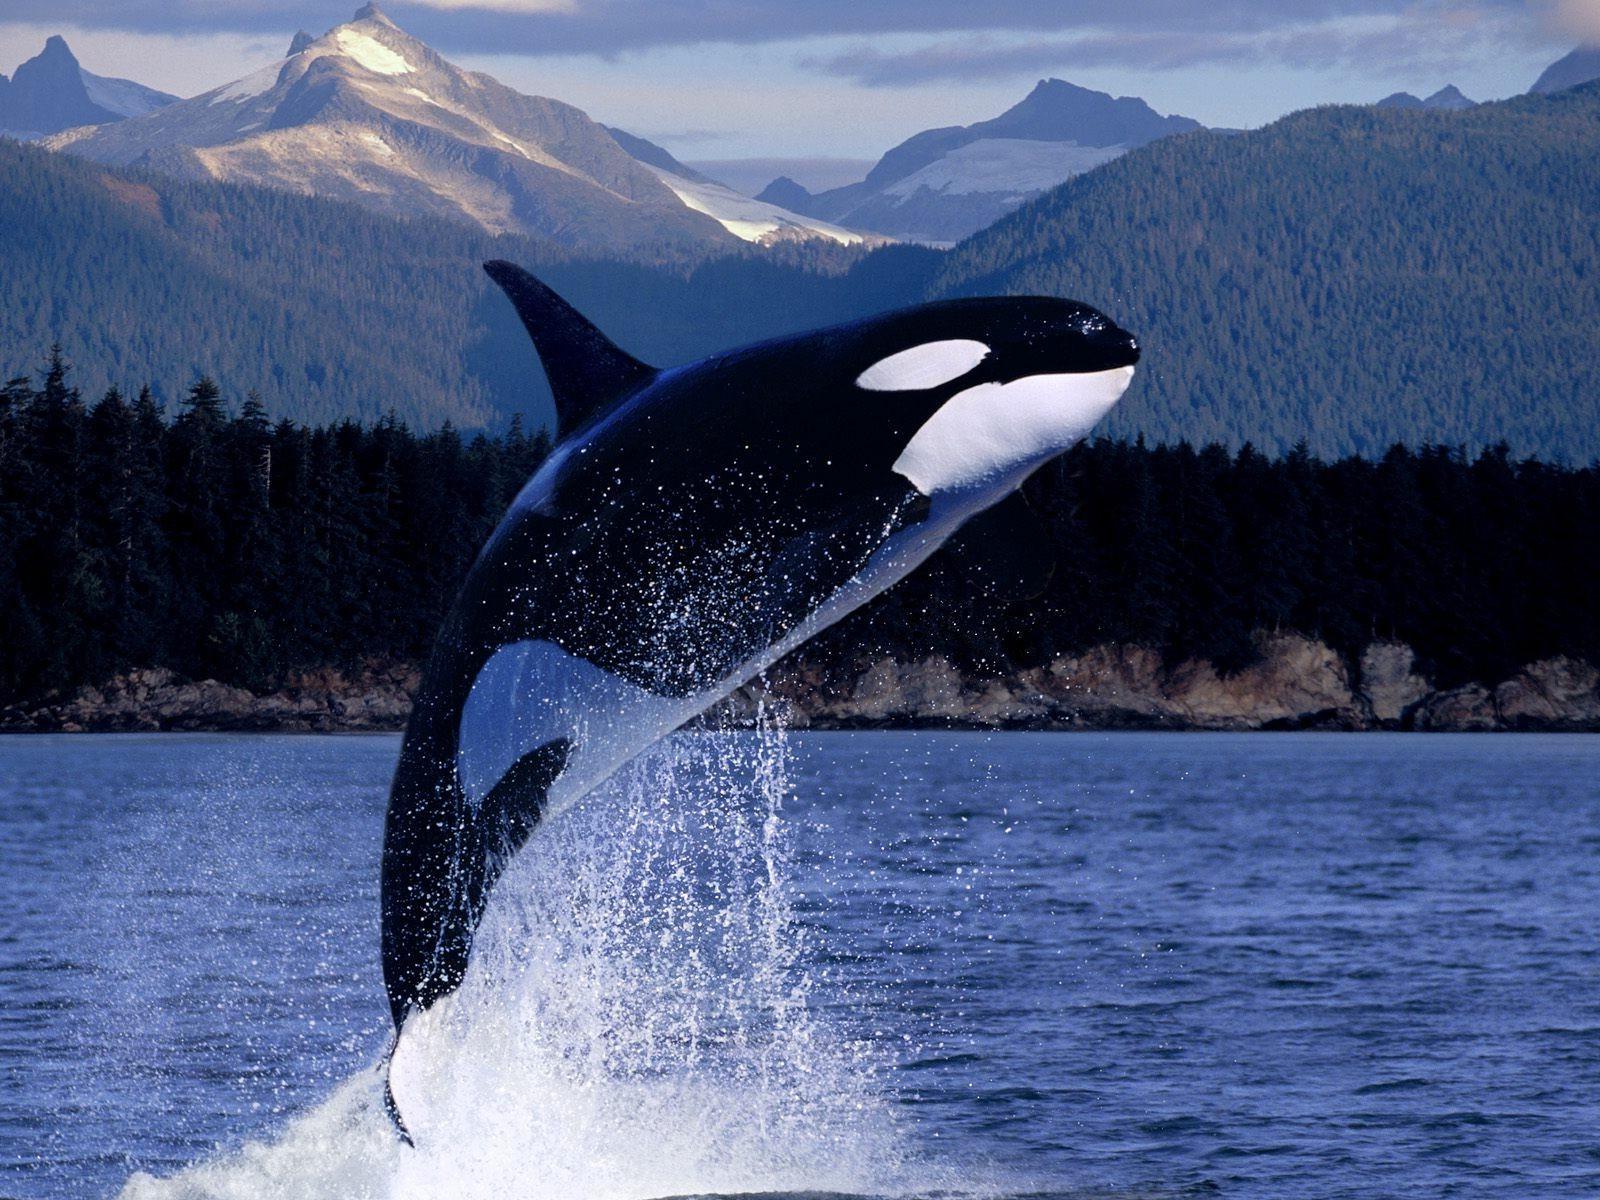 デスクトップ壁紙 鯨 ザトウクジラ 哺乳類 1600x1200 Px 脊椎